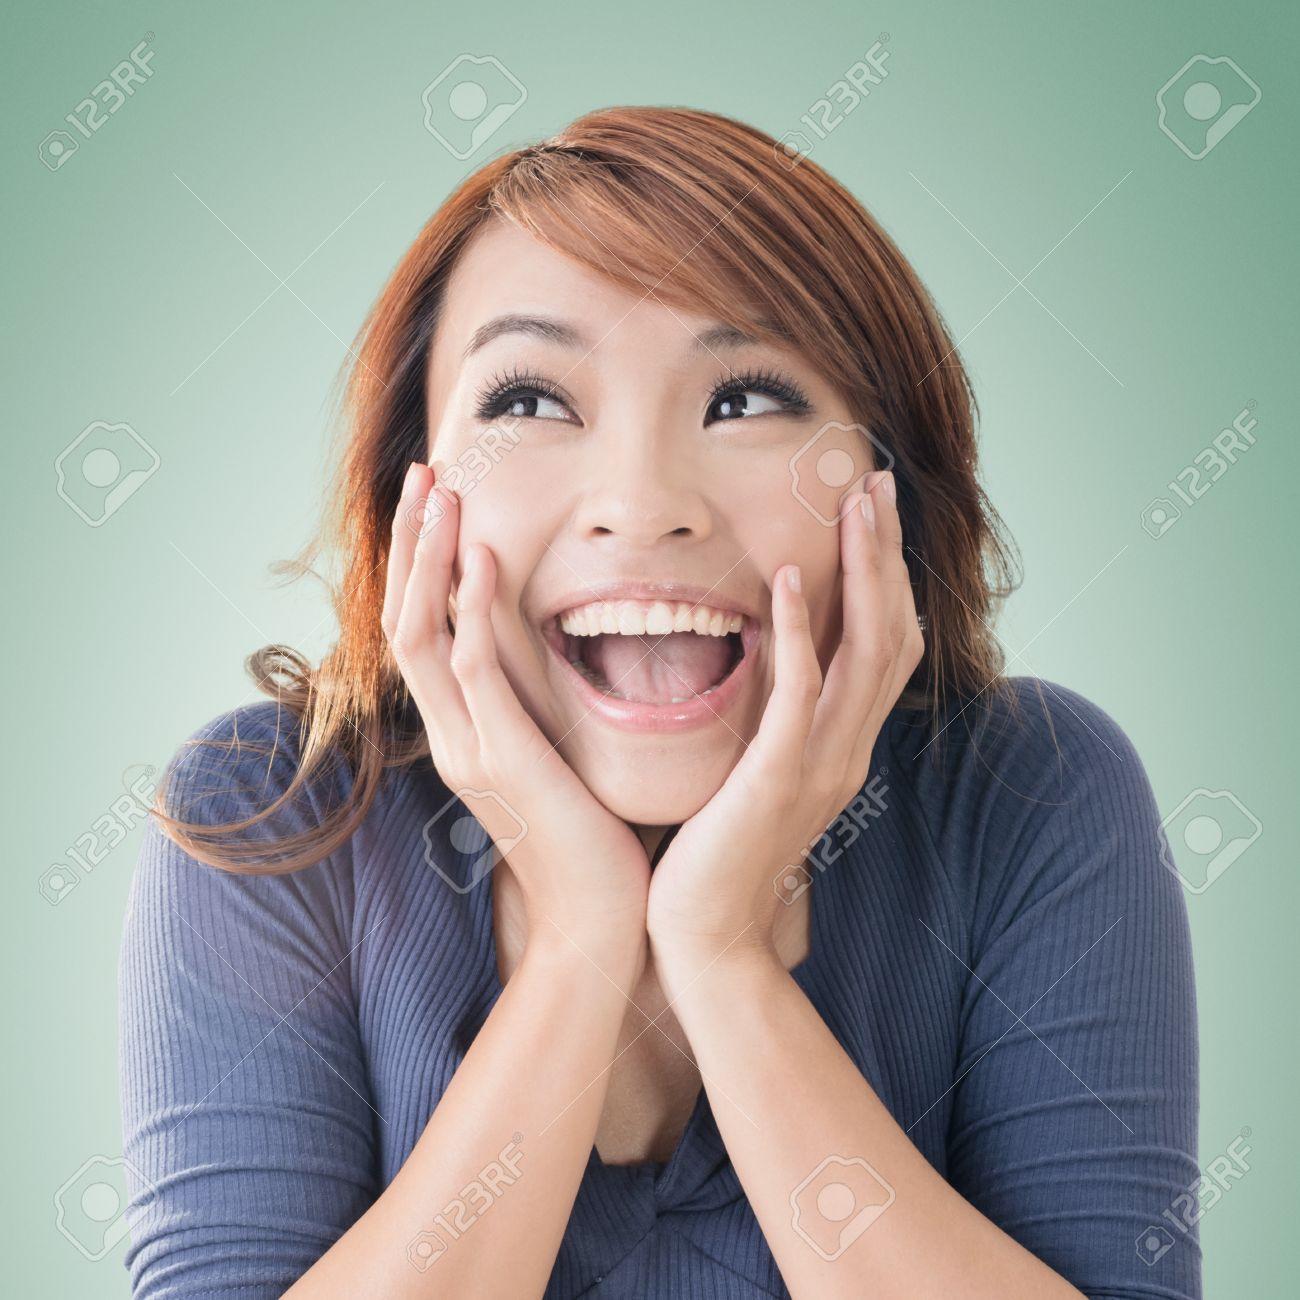 Лицо возбужденной девушки